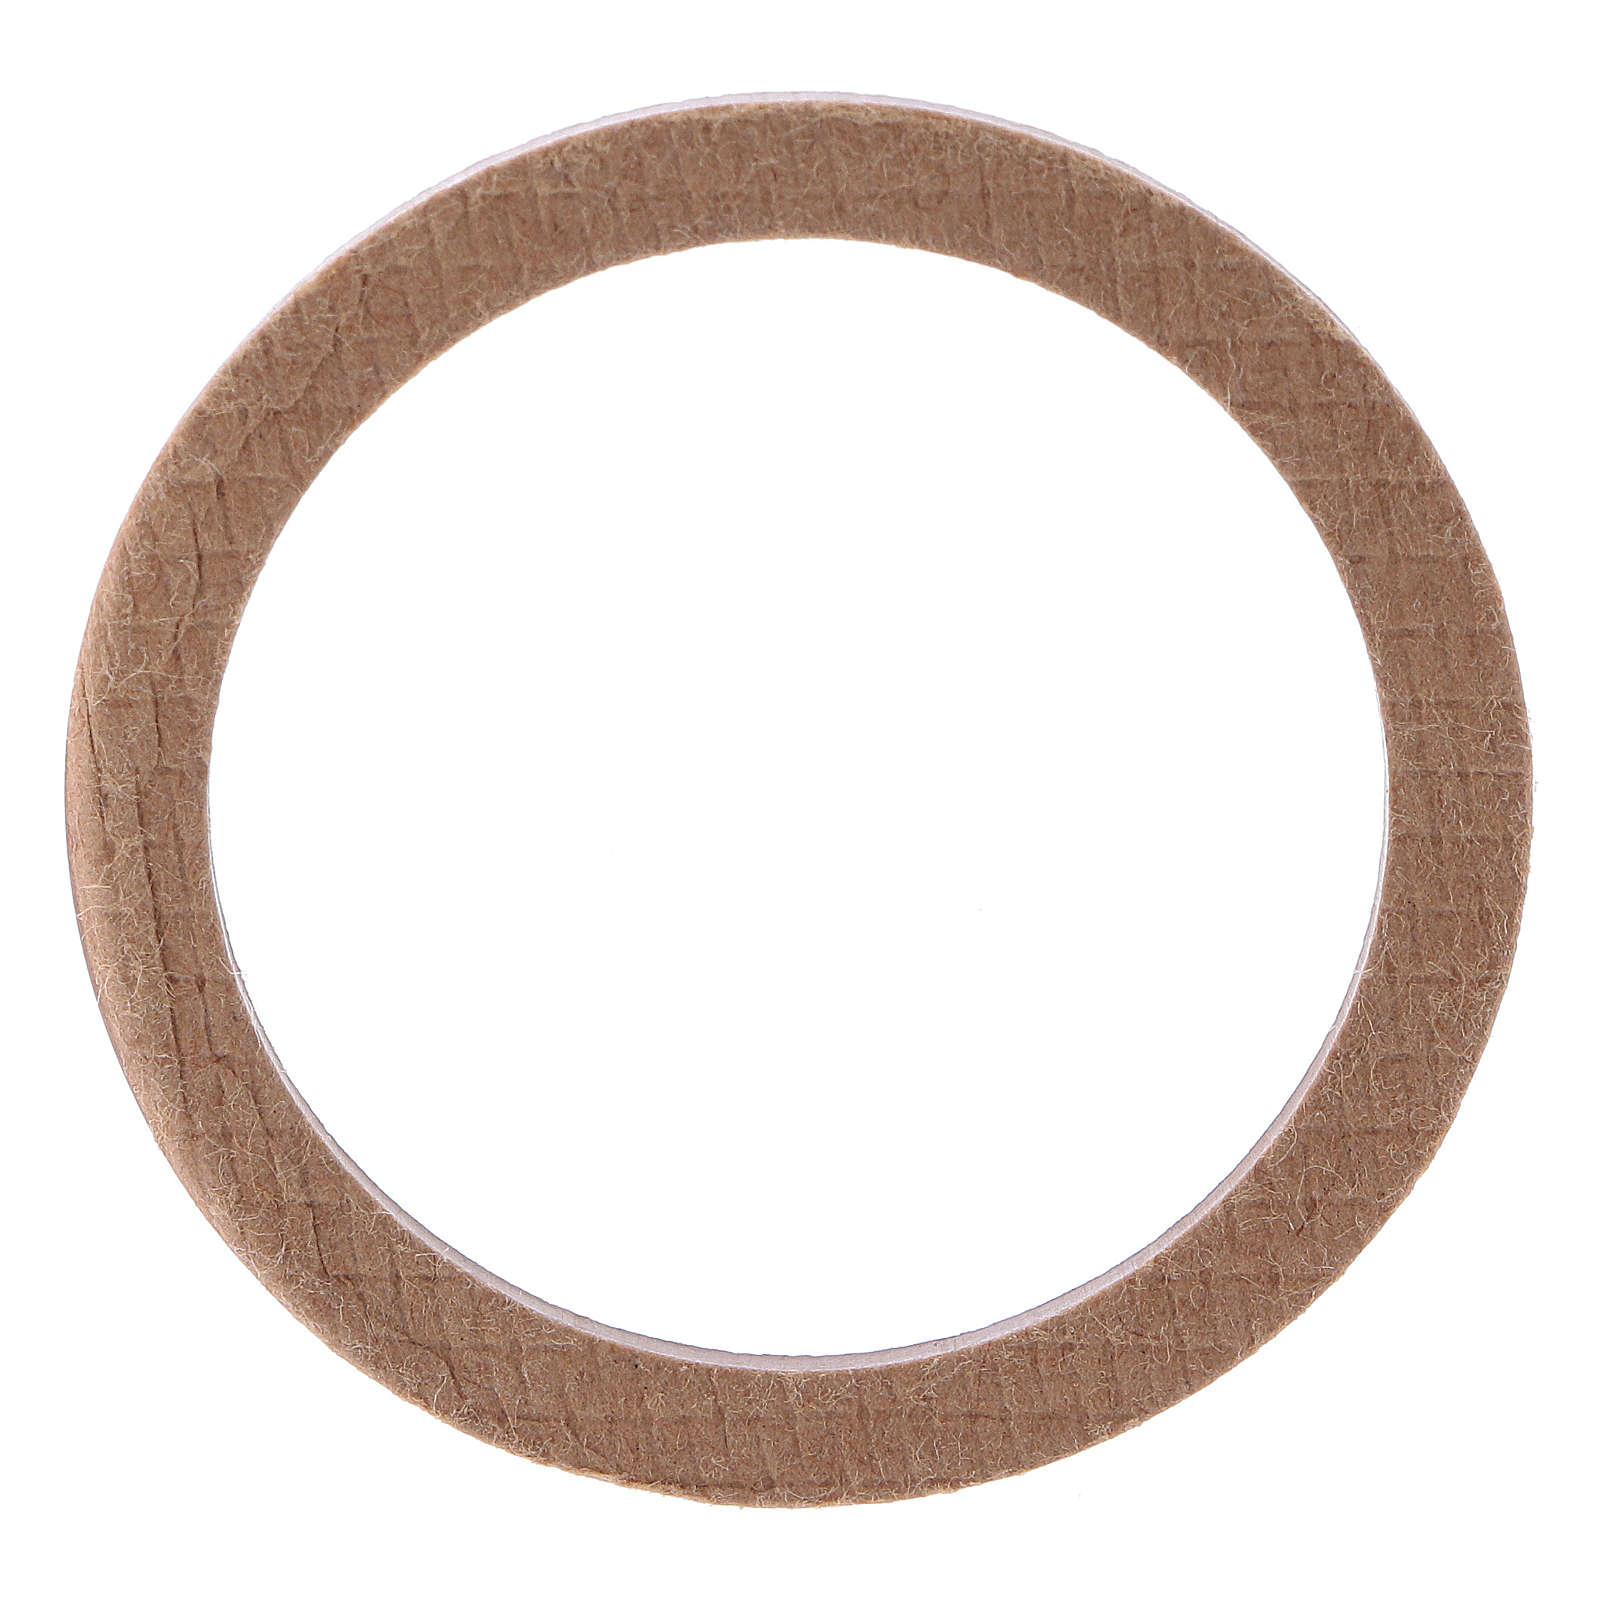 Junta aislante diámetro 5 cm para PC004006-PC004008 3